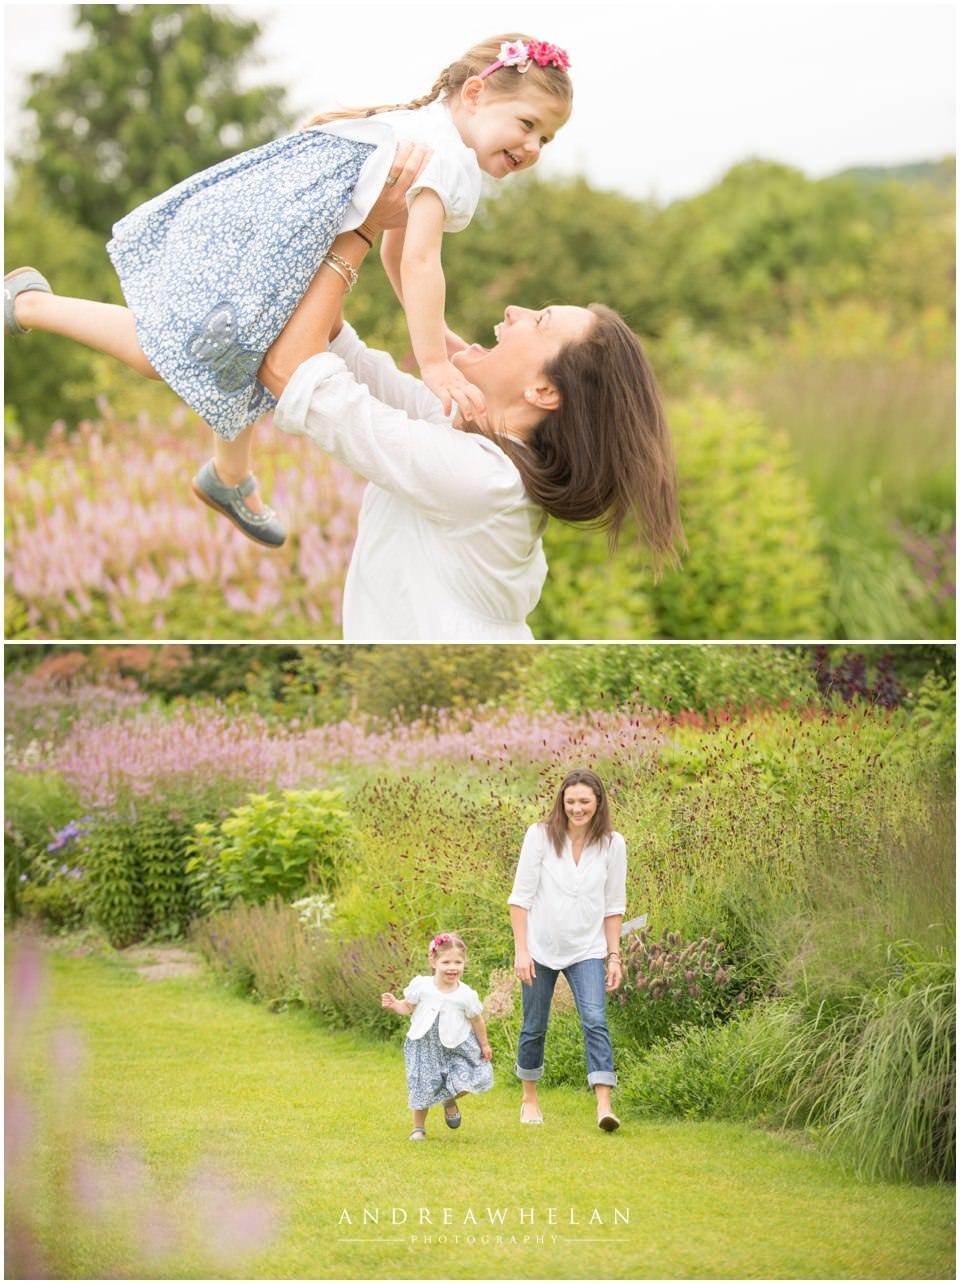 mum and daughter photo shoot